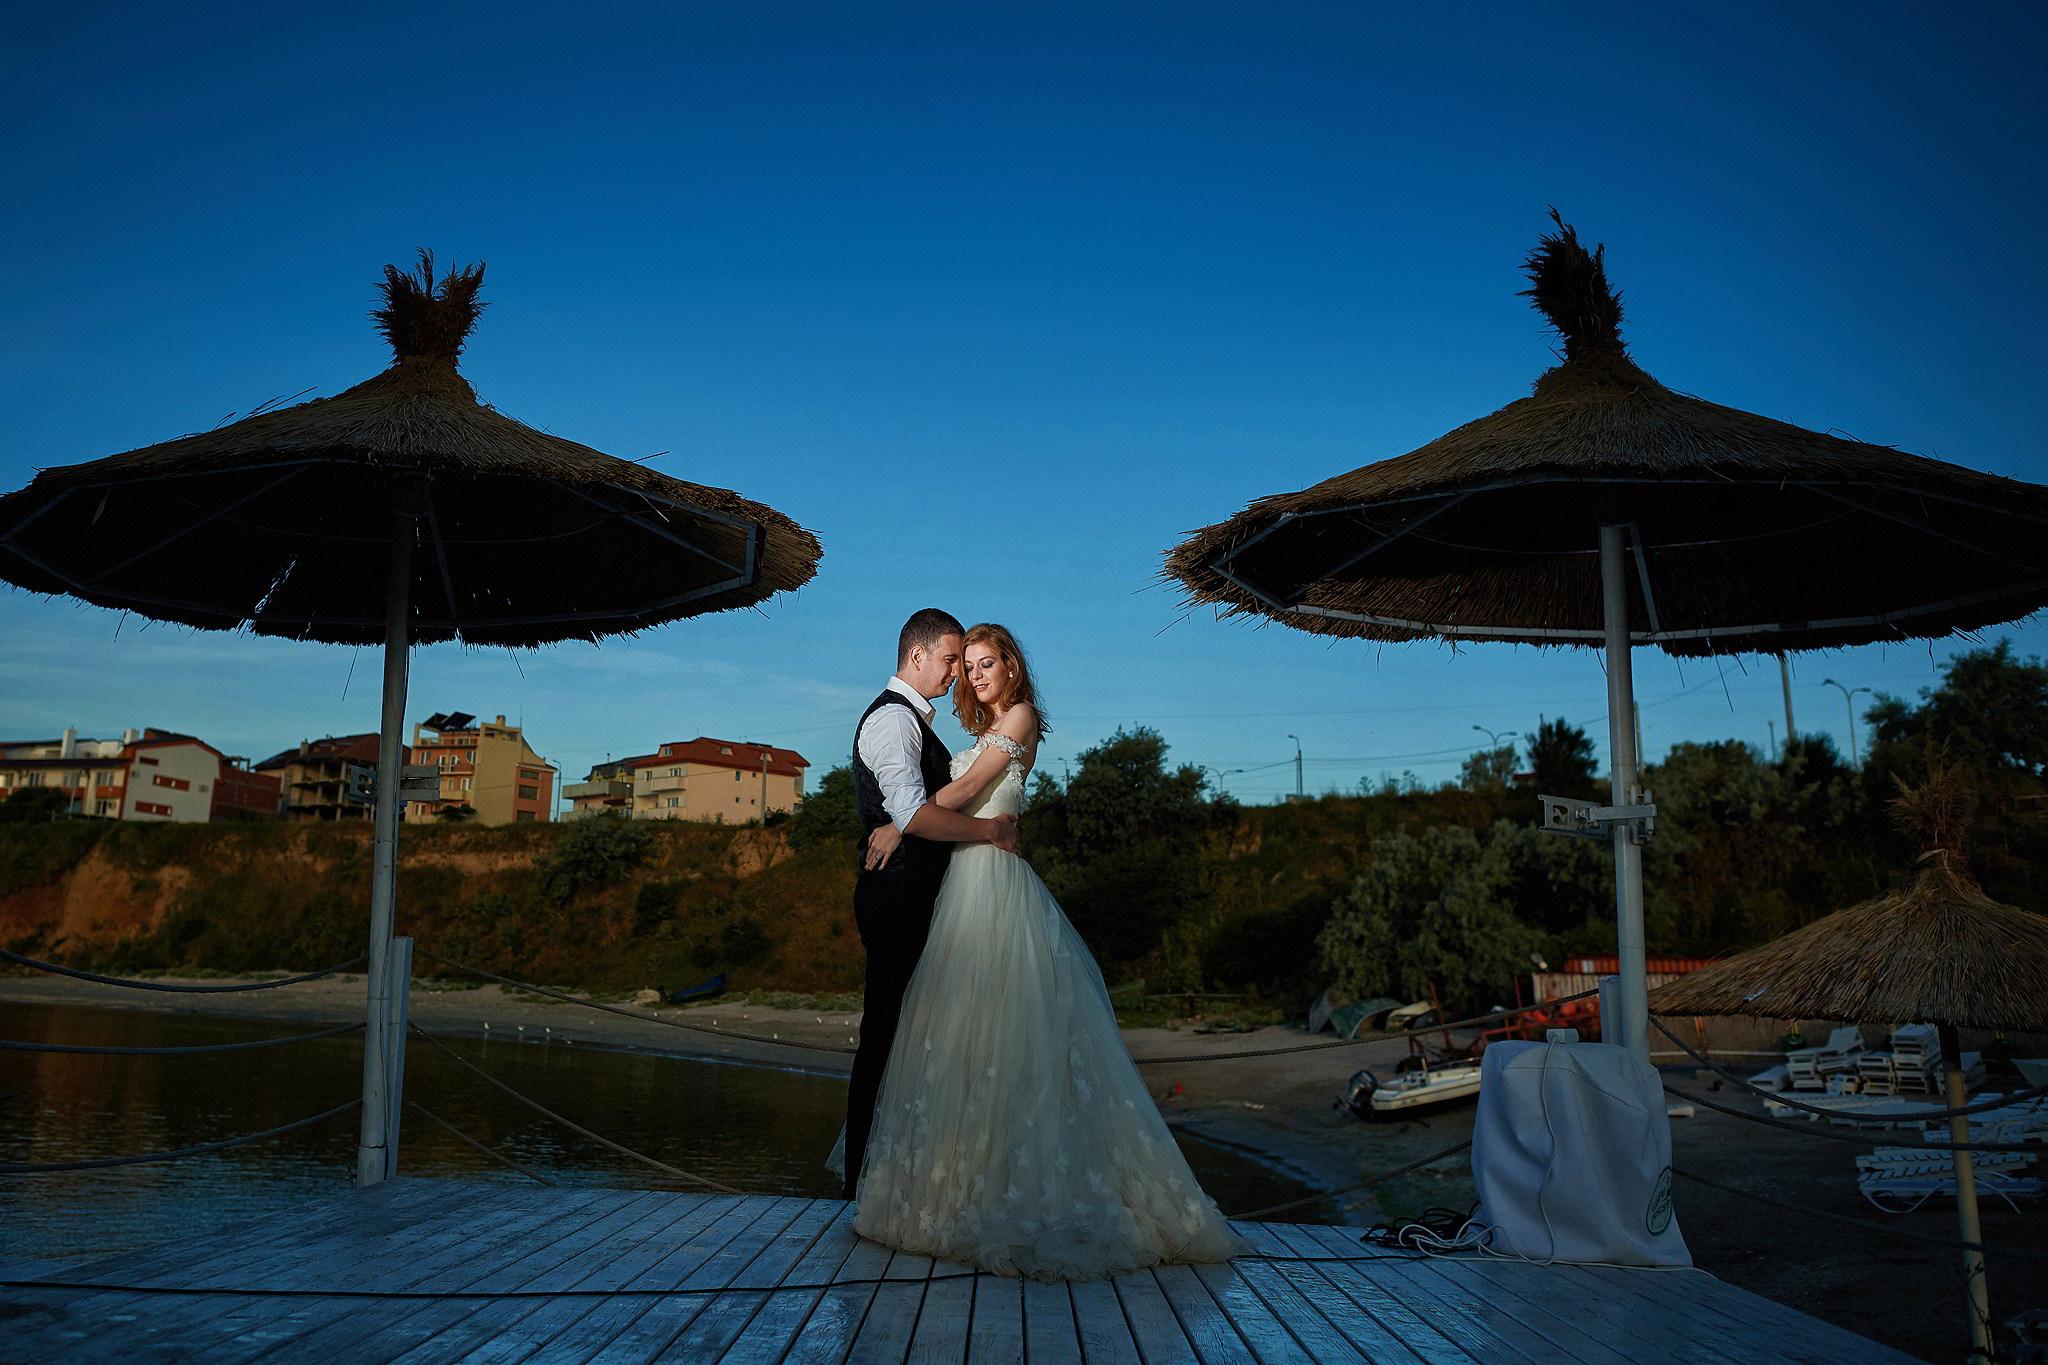 fotograf nunta constanta 18